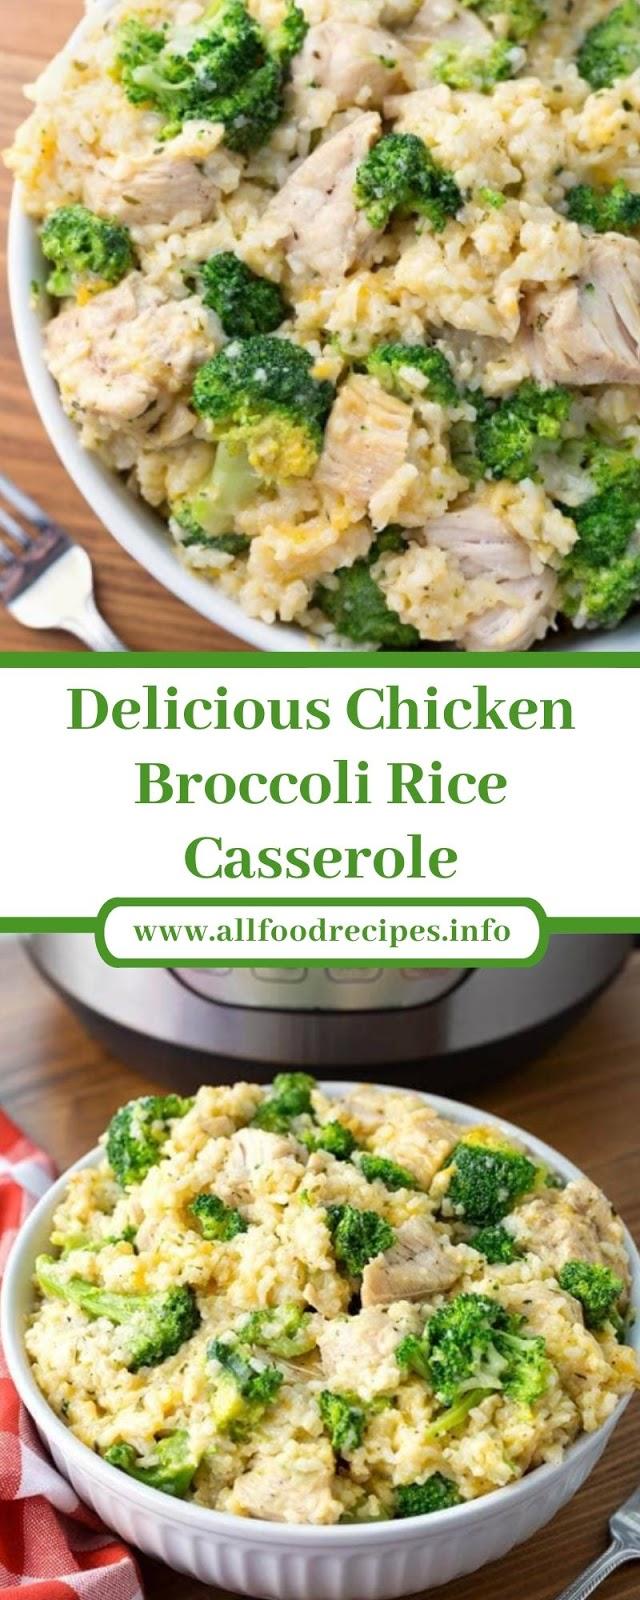 Delicious Chicken Broccoli Rice Casserole